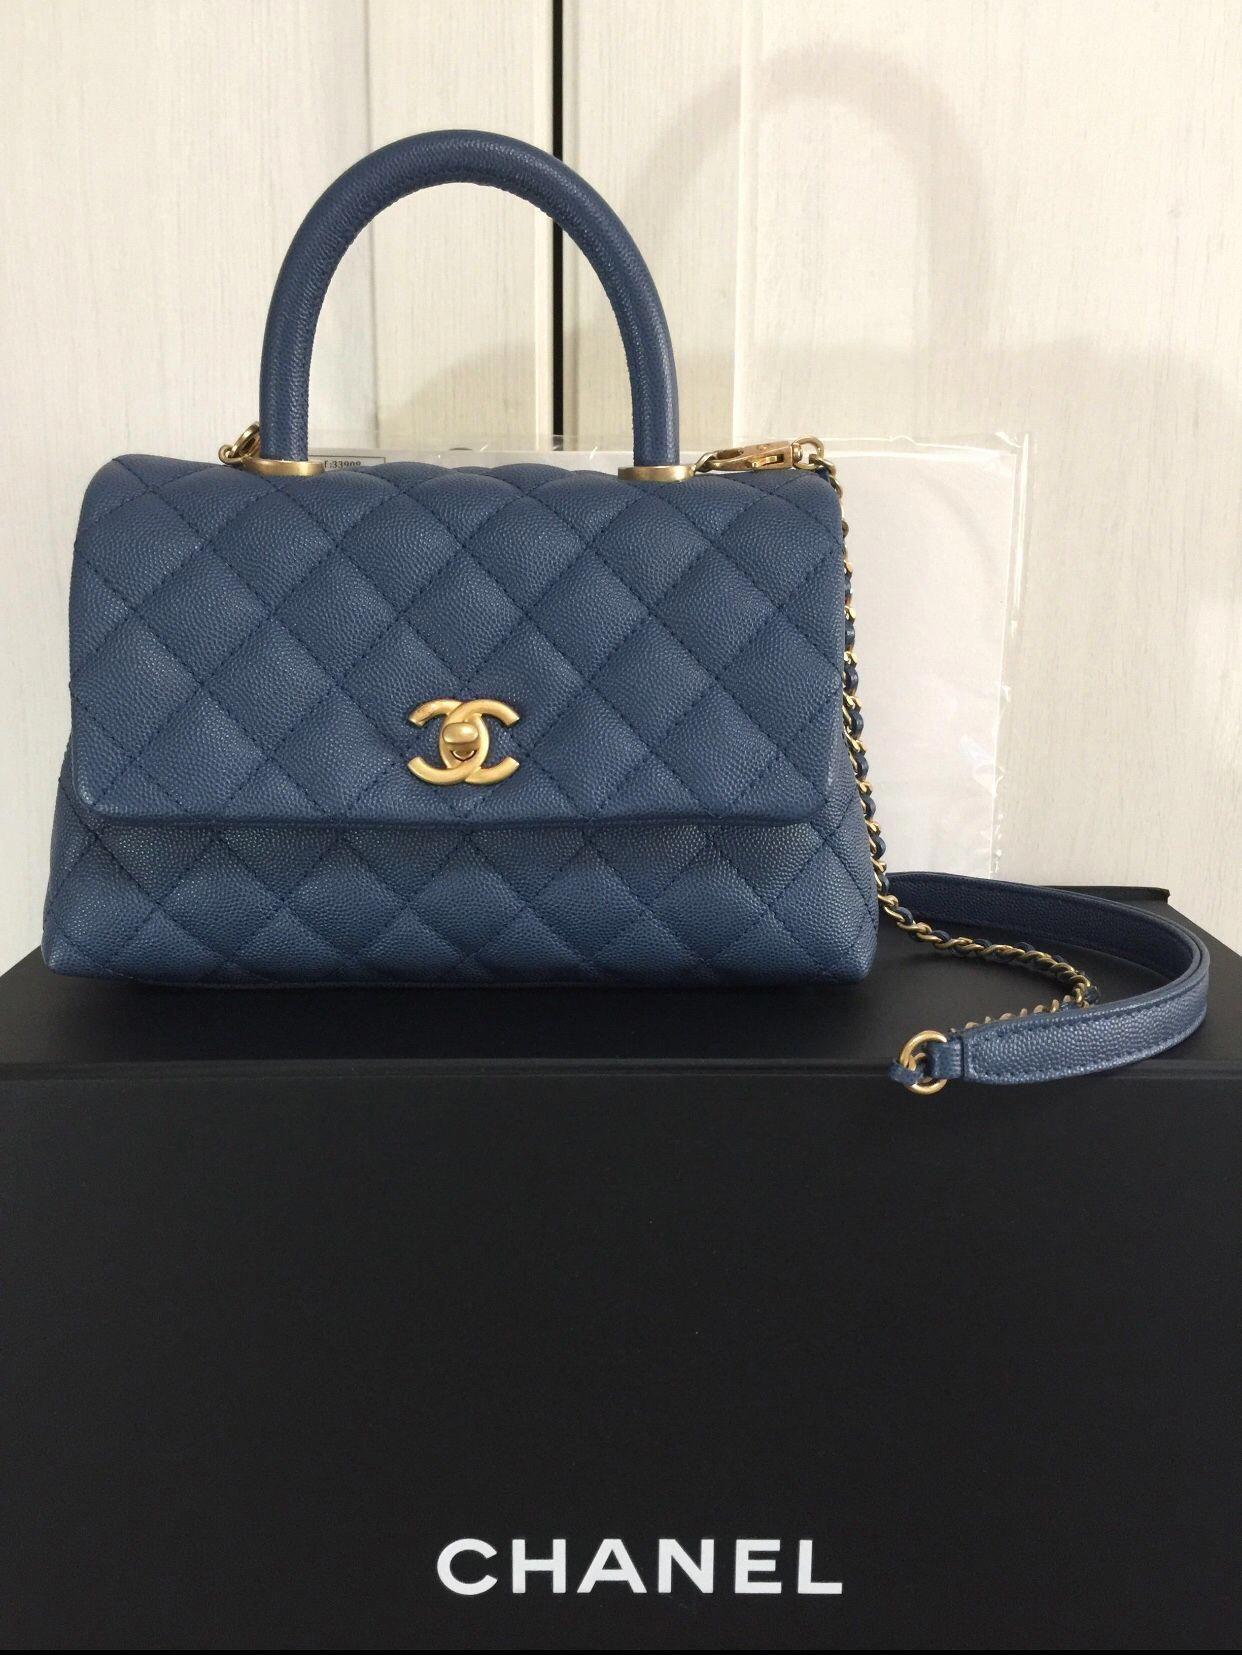 69a31791c960 Chanel Coco Handle Bag  Chanelhandbags